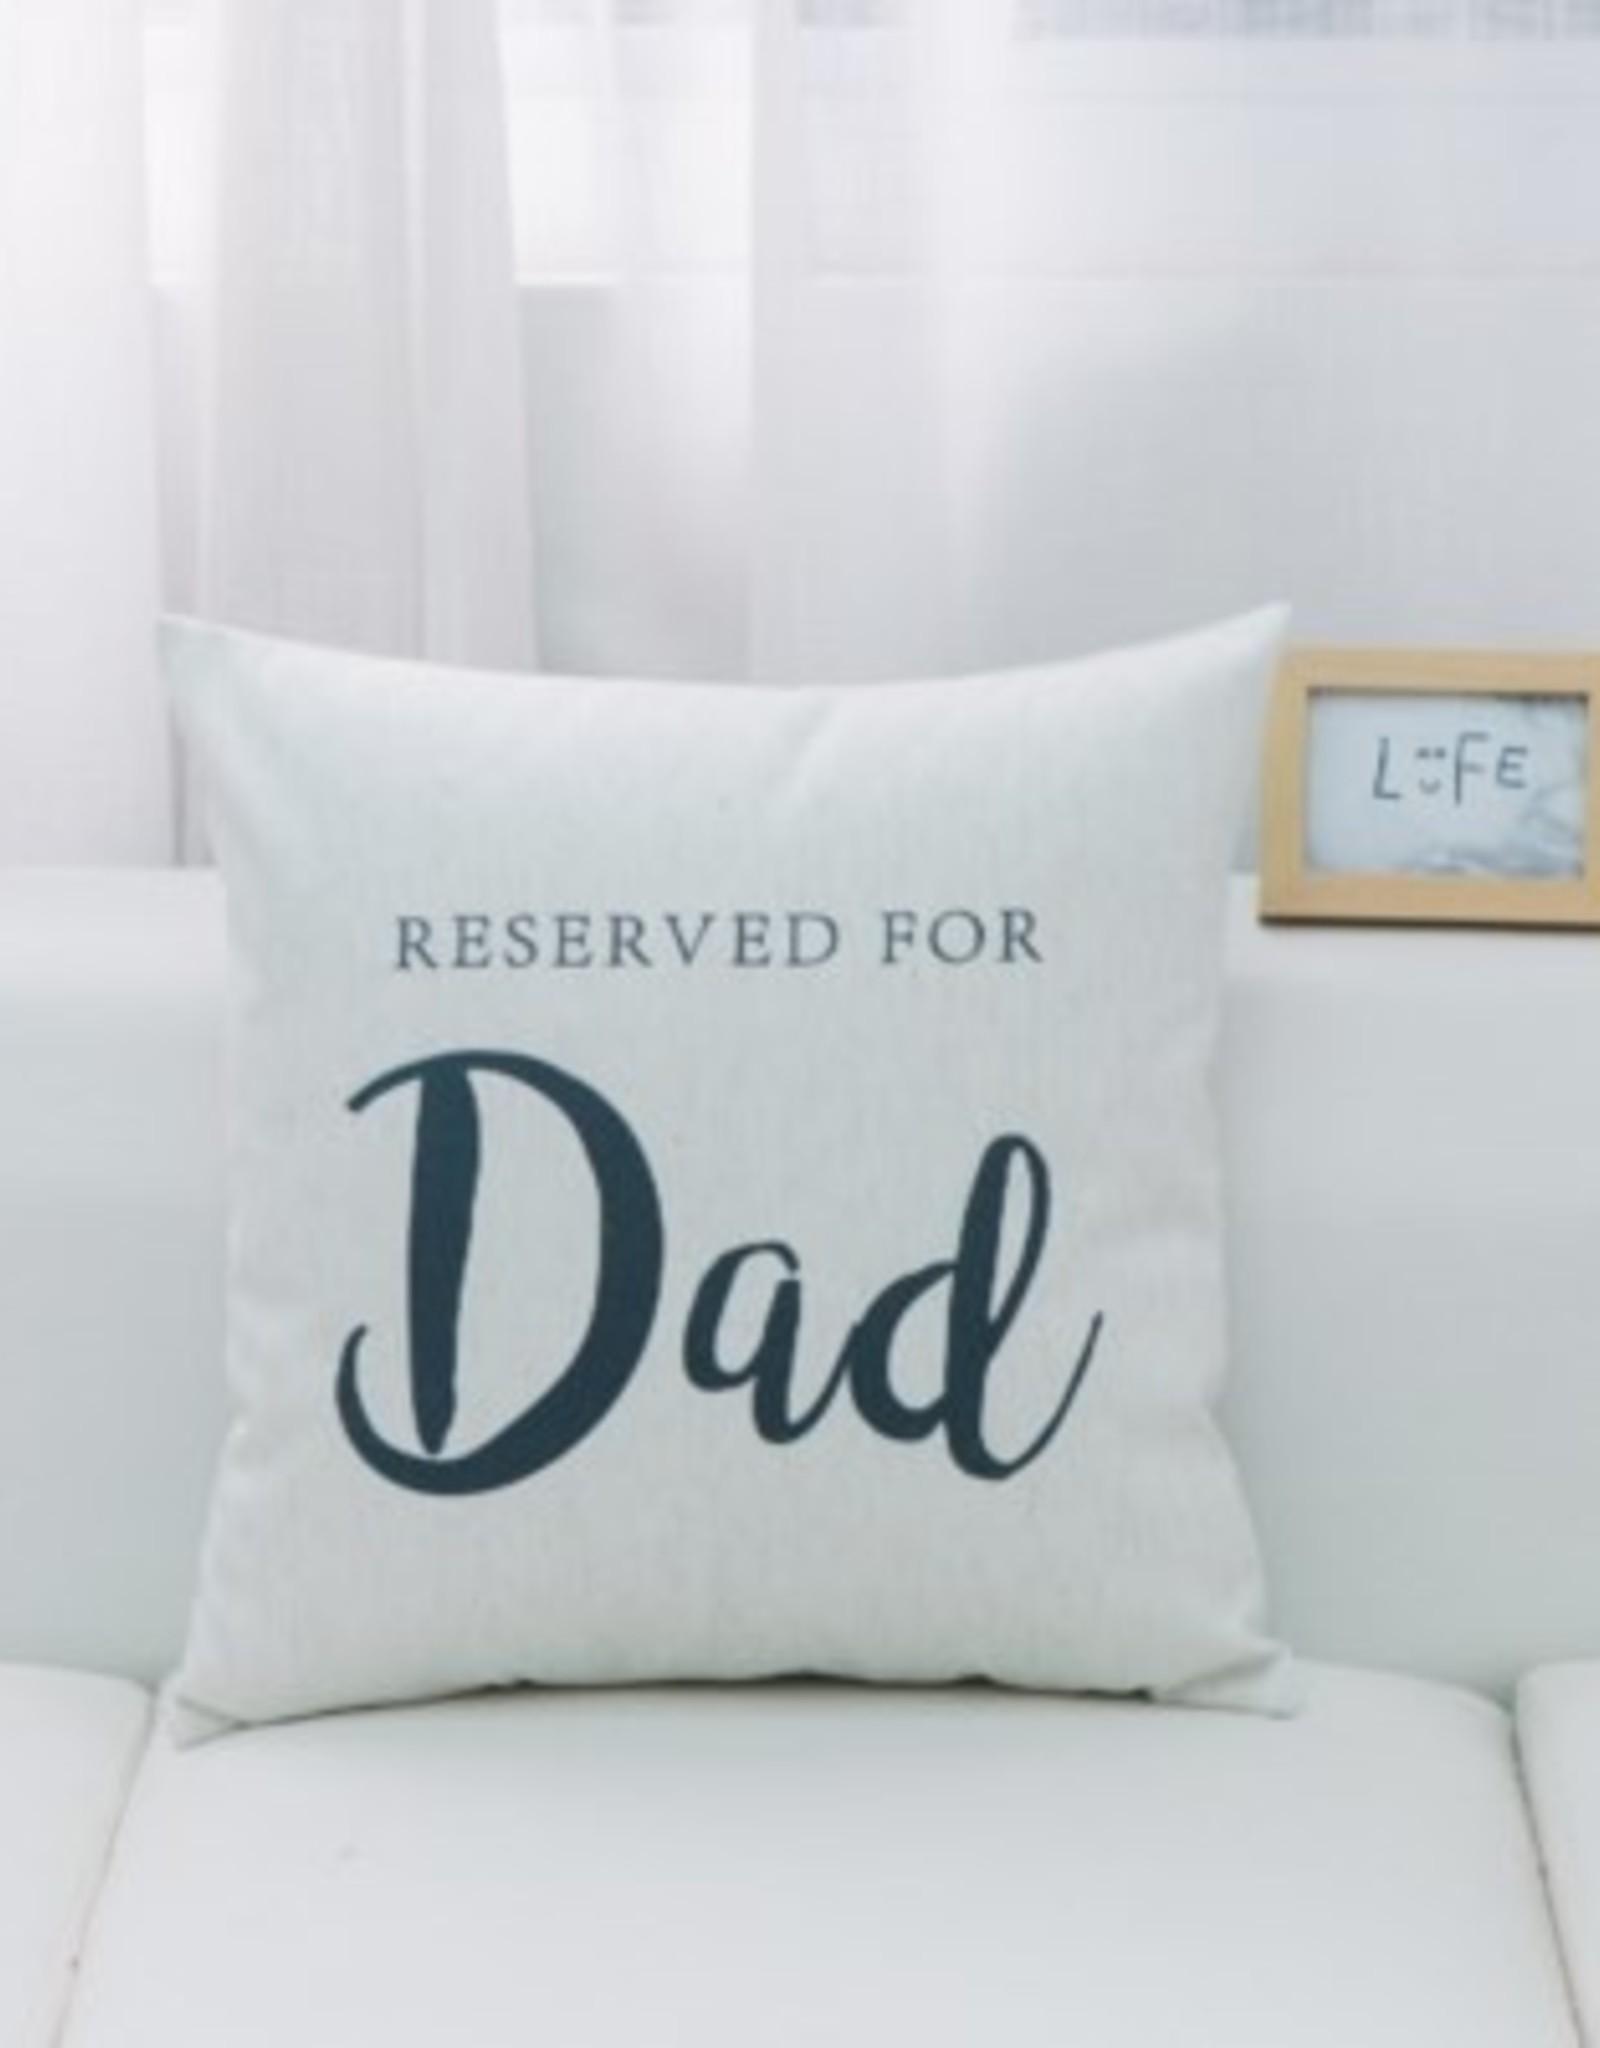 Cushions CJ Dad